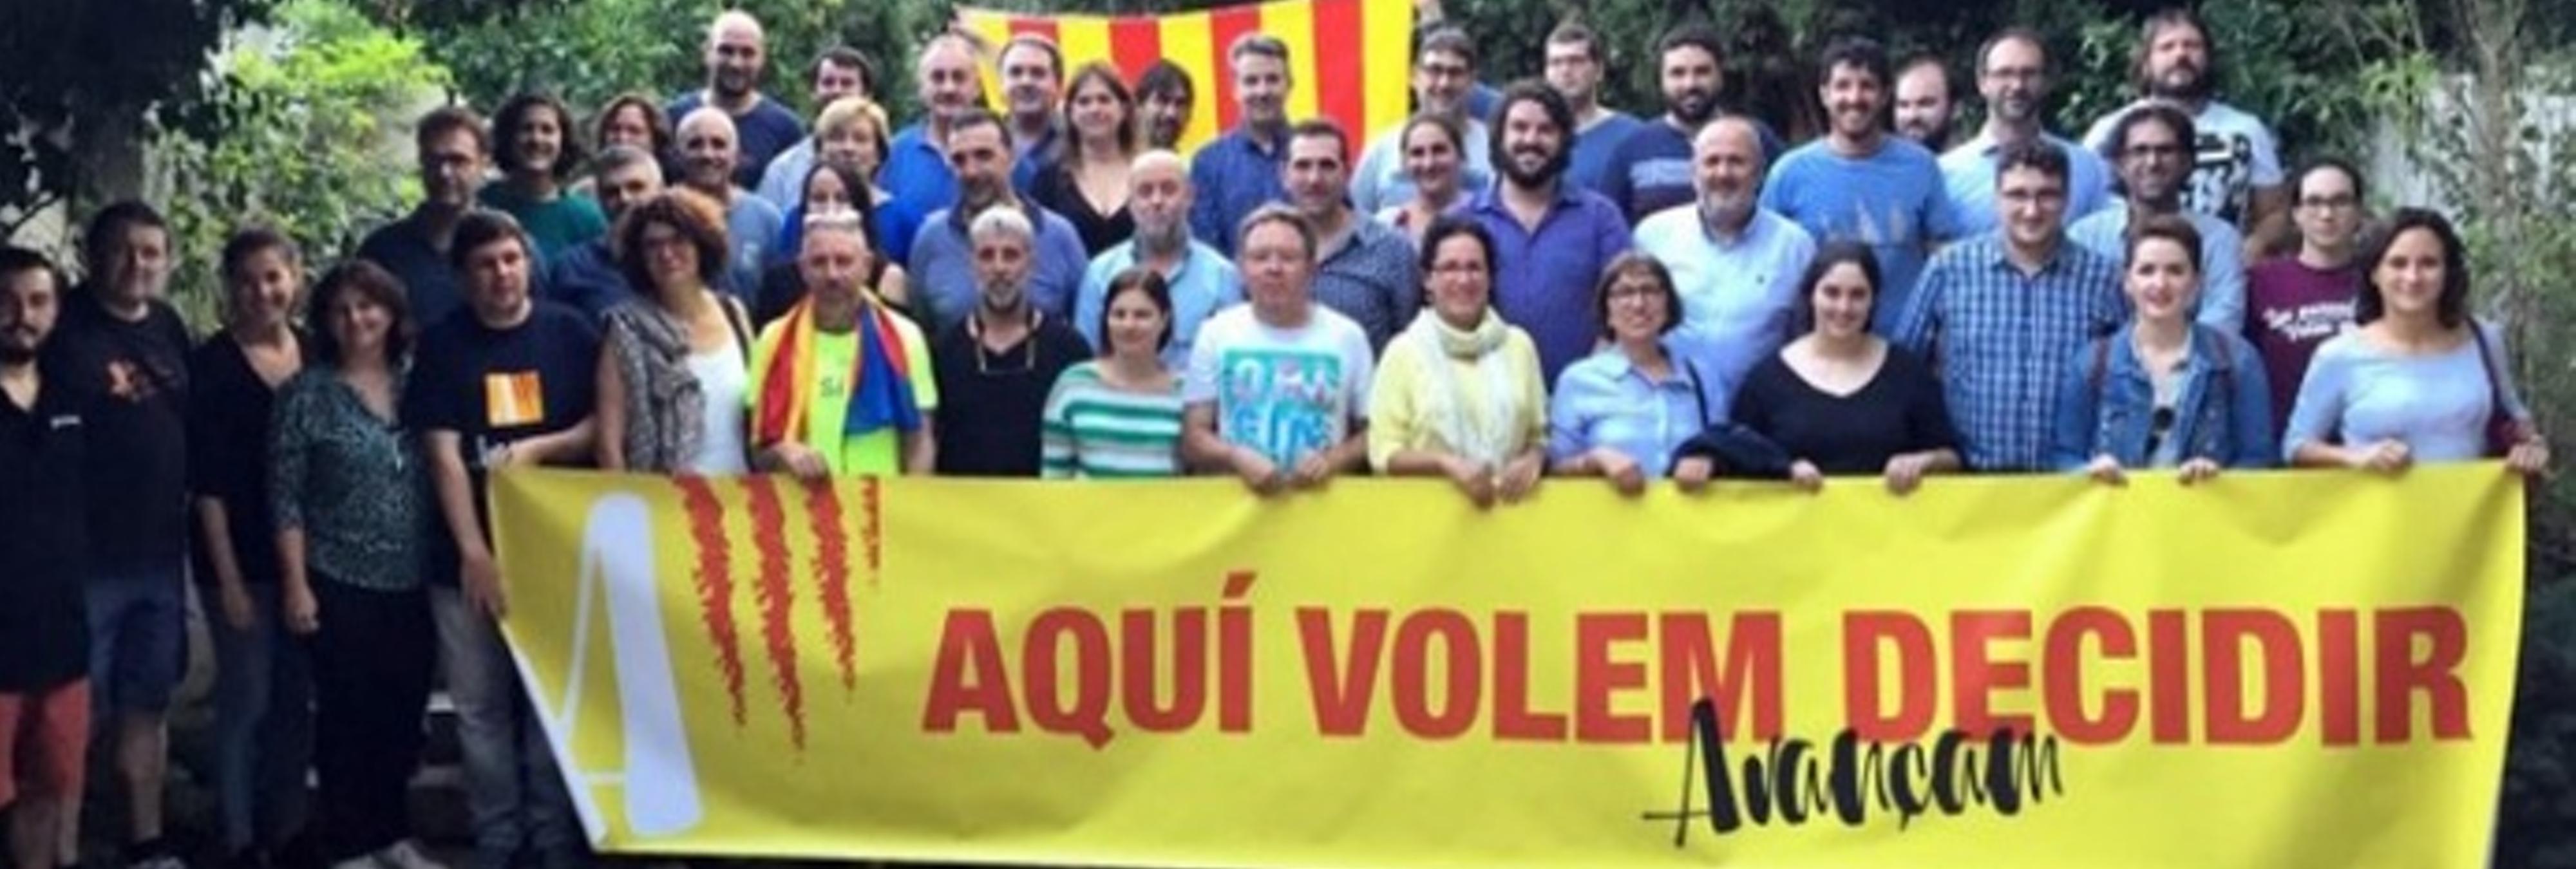 El independentismo de las Islas Baleares pide un referéndum de autodeterminación para 2030